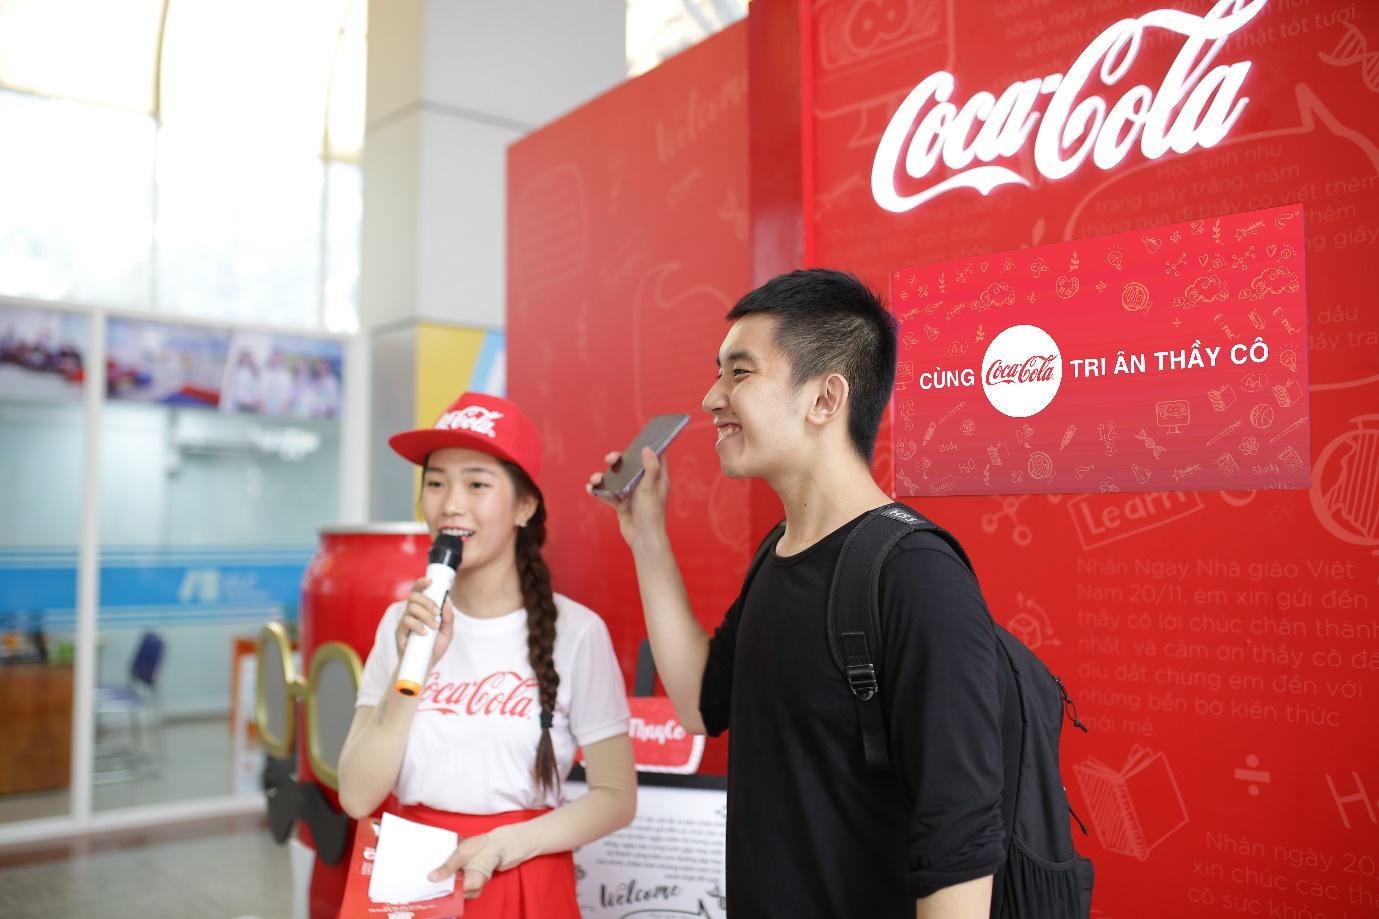 """Loạt ảnh rạng ngời của sinh viên trong sự kiện """"Cùng Coca-Cola tri ân thầy cô"""" - Ảnh 8."""